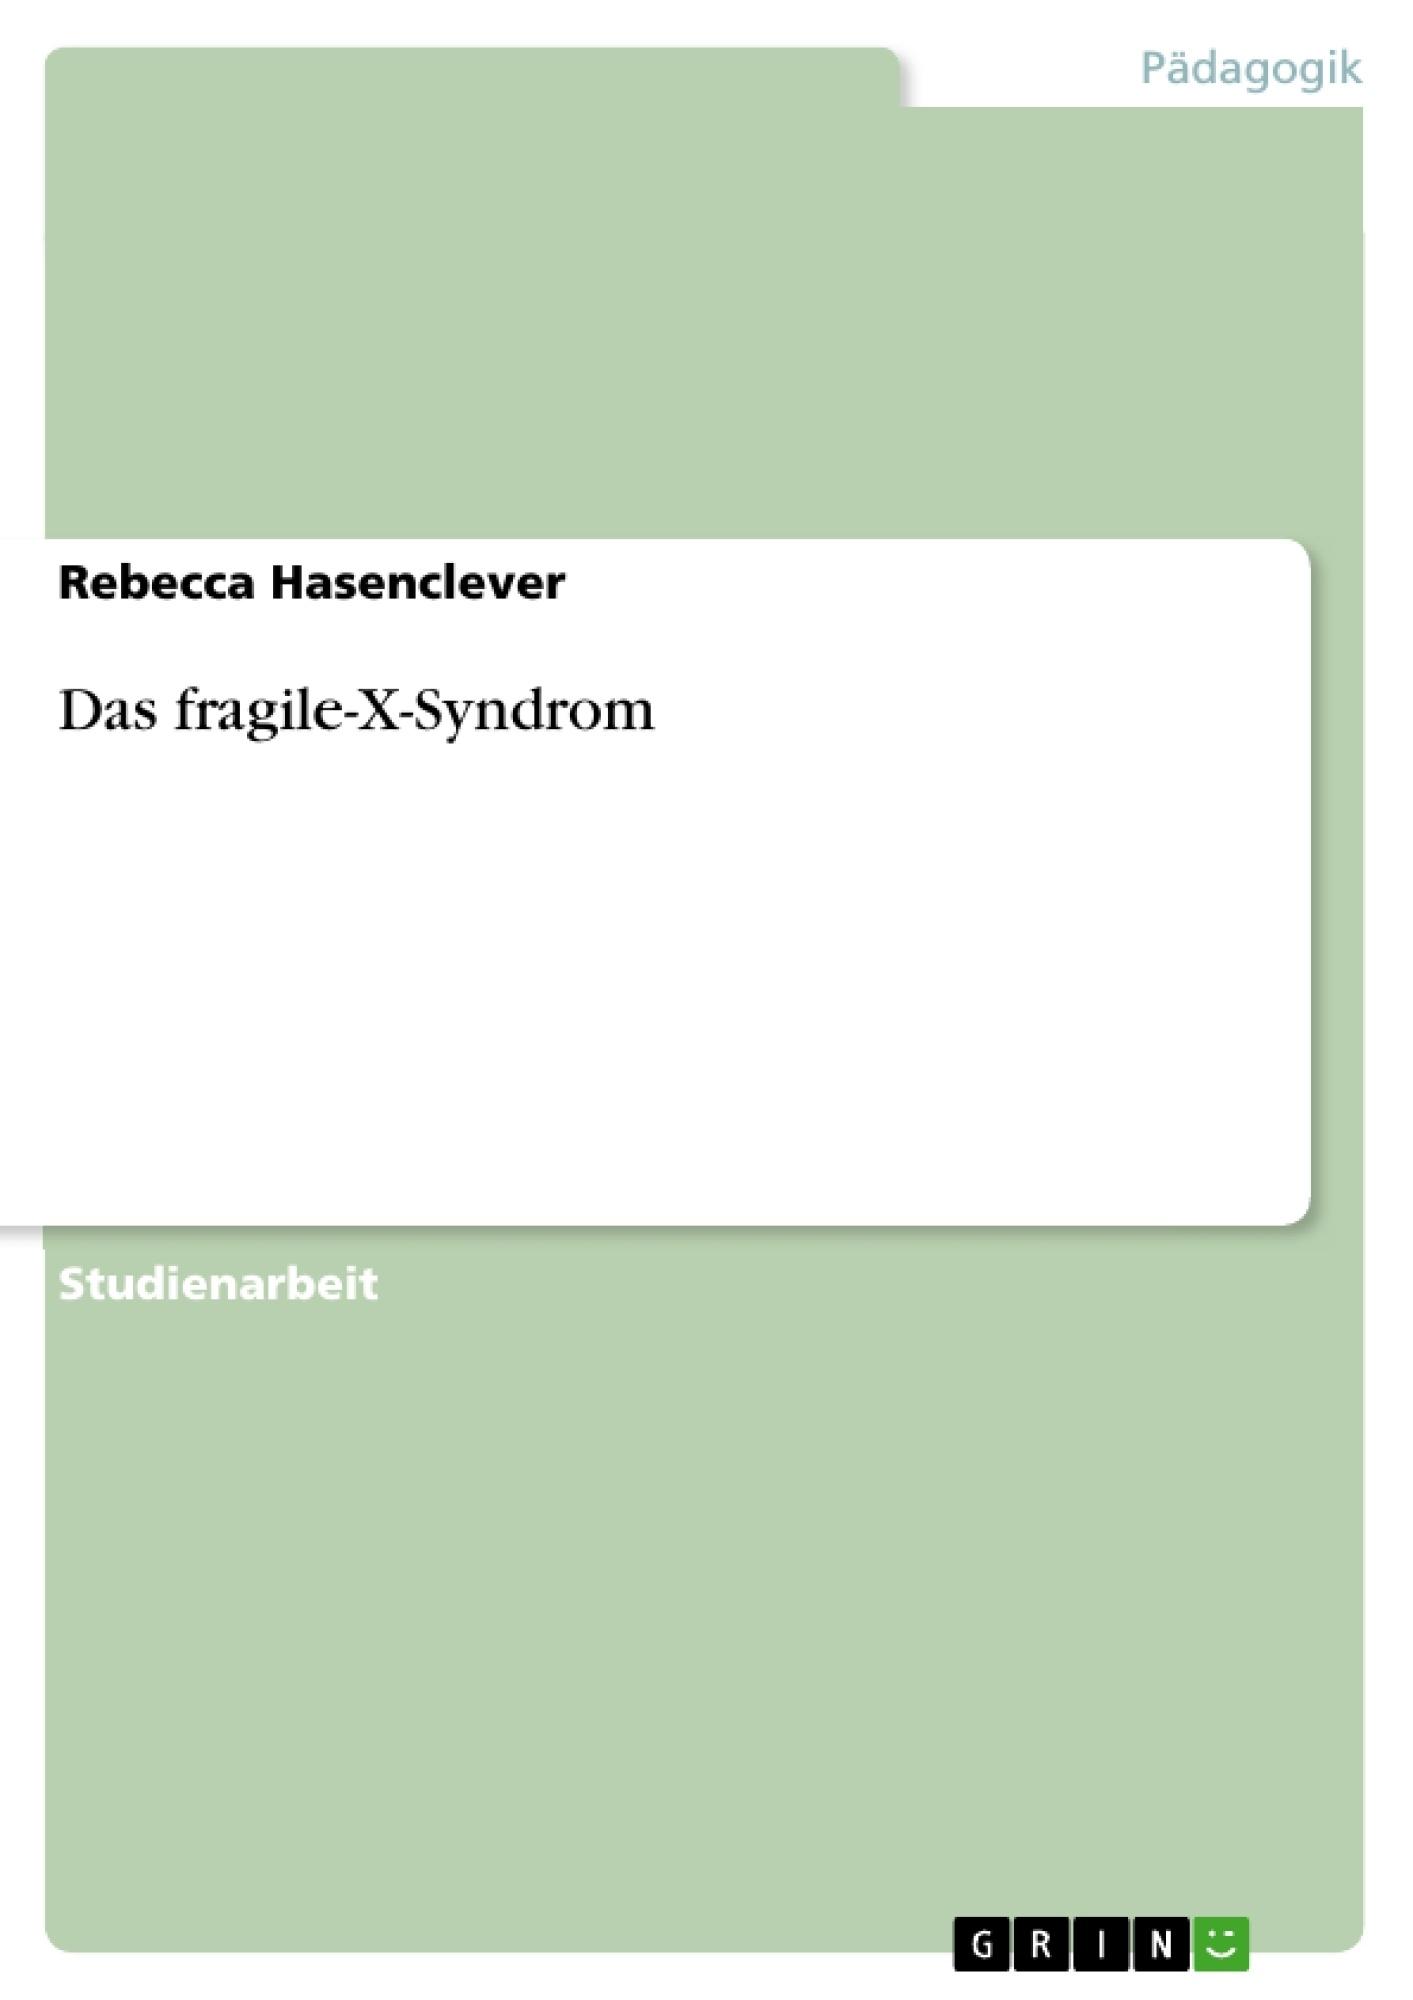 Titel: Das fragile-X-Syndrom